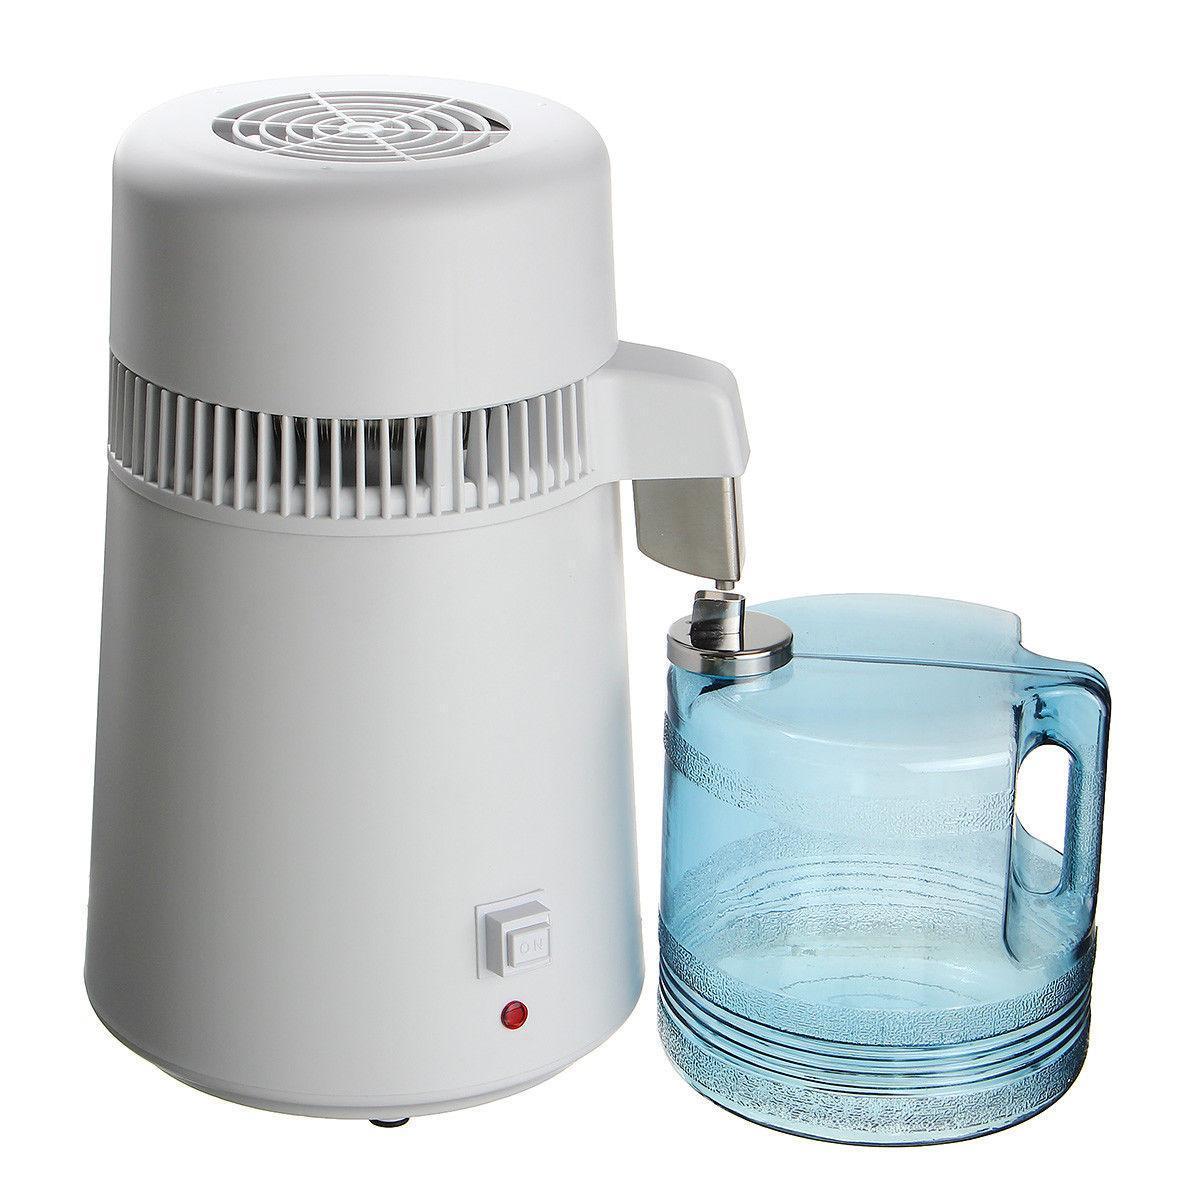 Бытовой дистиллятор воды - BL 9803. Аквадистиллятор электрический лабораторный. 4л